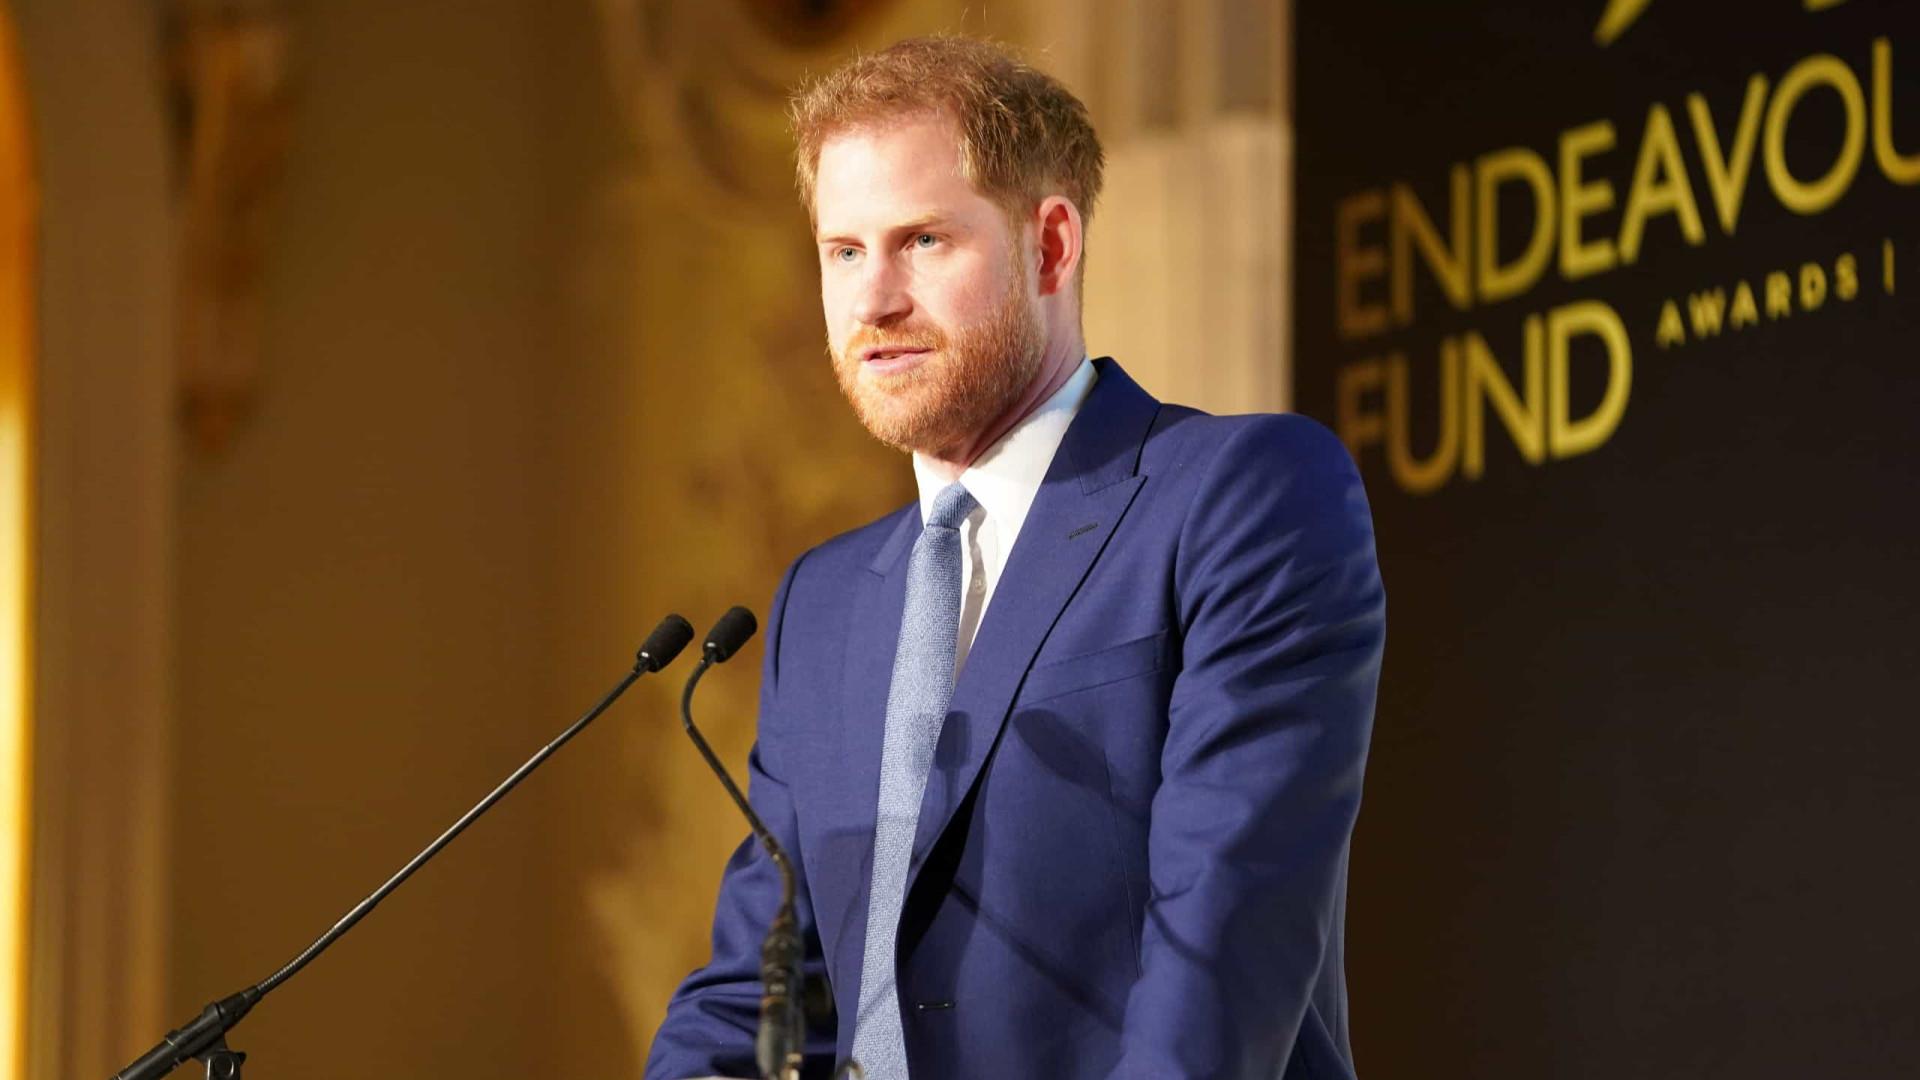 15 de setembro: aniversário do Duque de Sussex, Harry